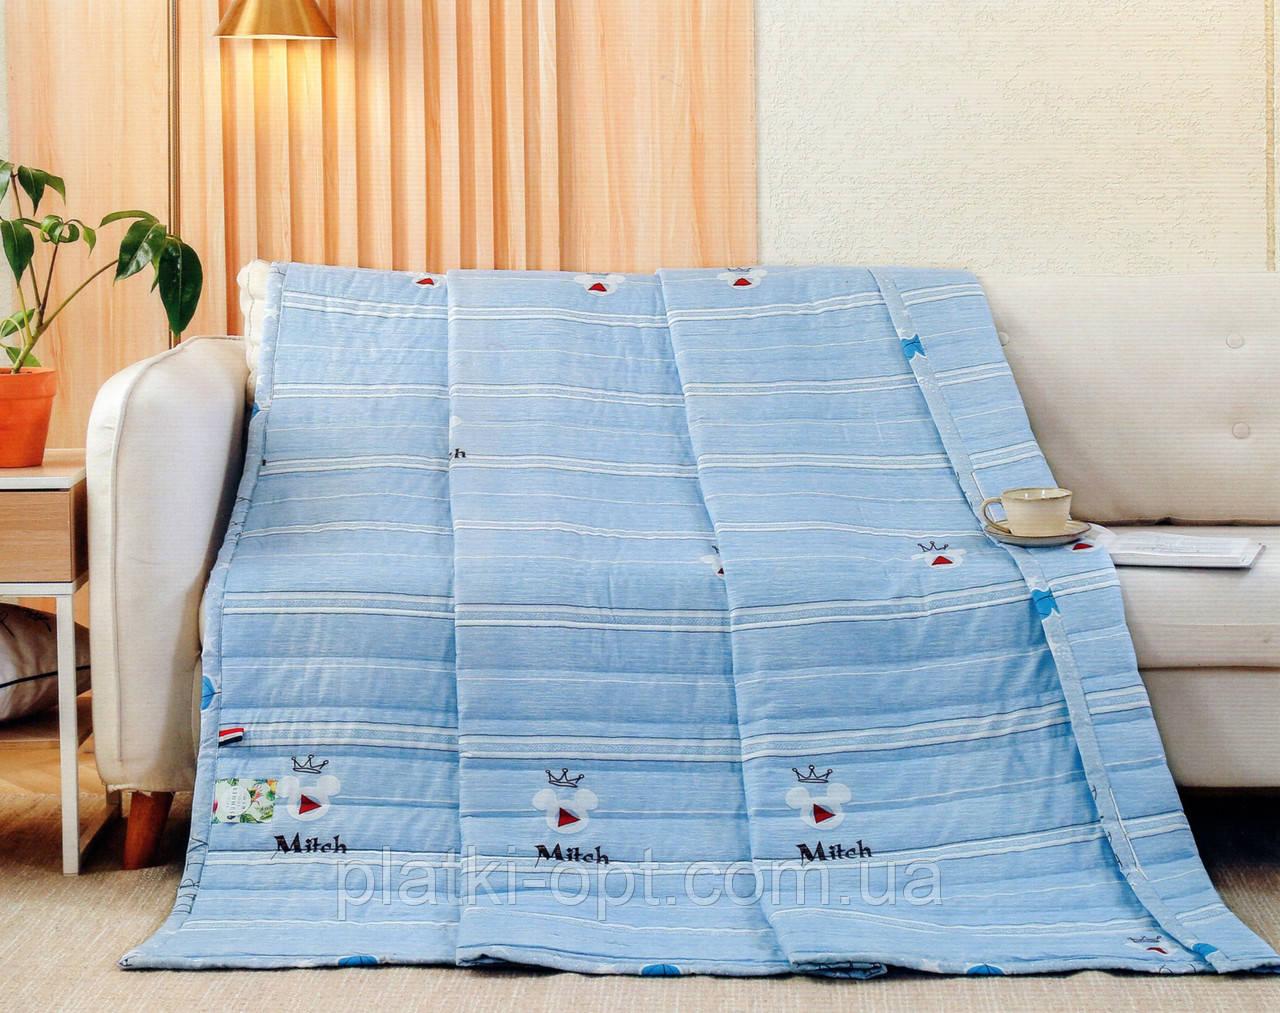 Летнее одеяло Colorful home 200х230см